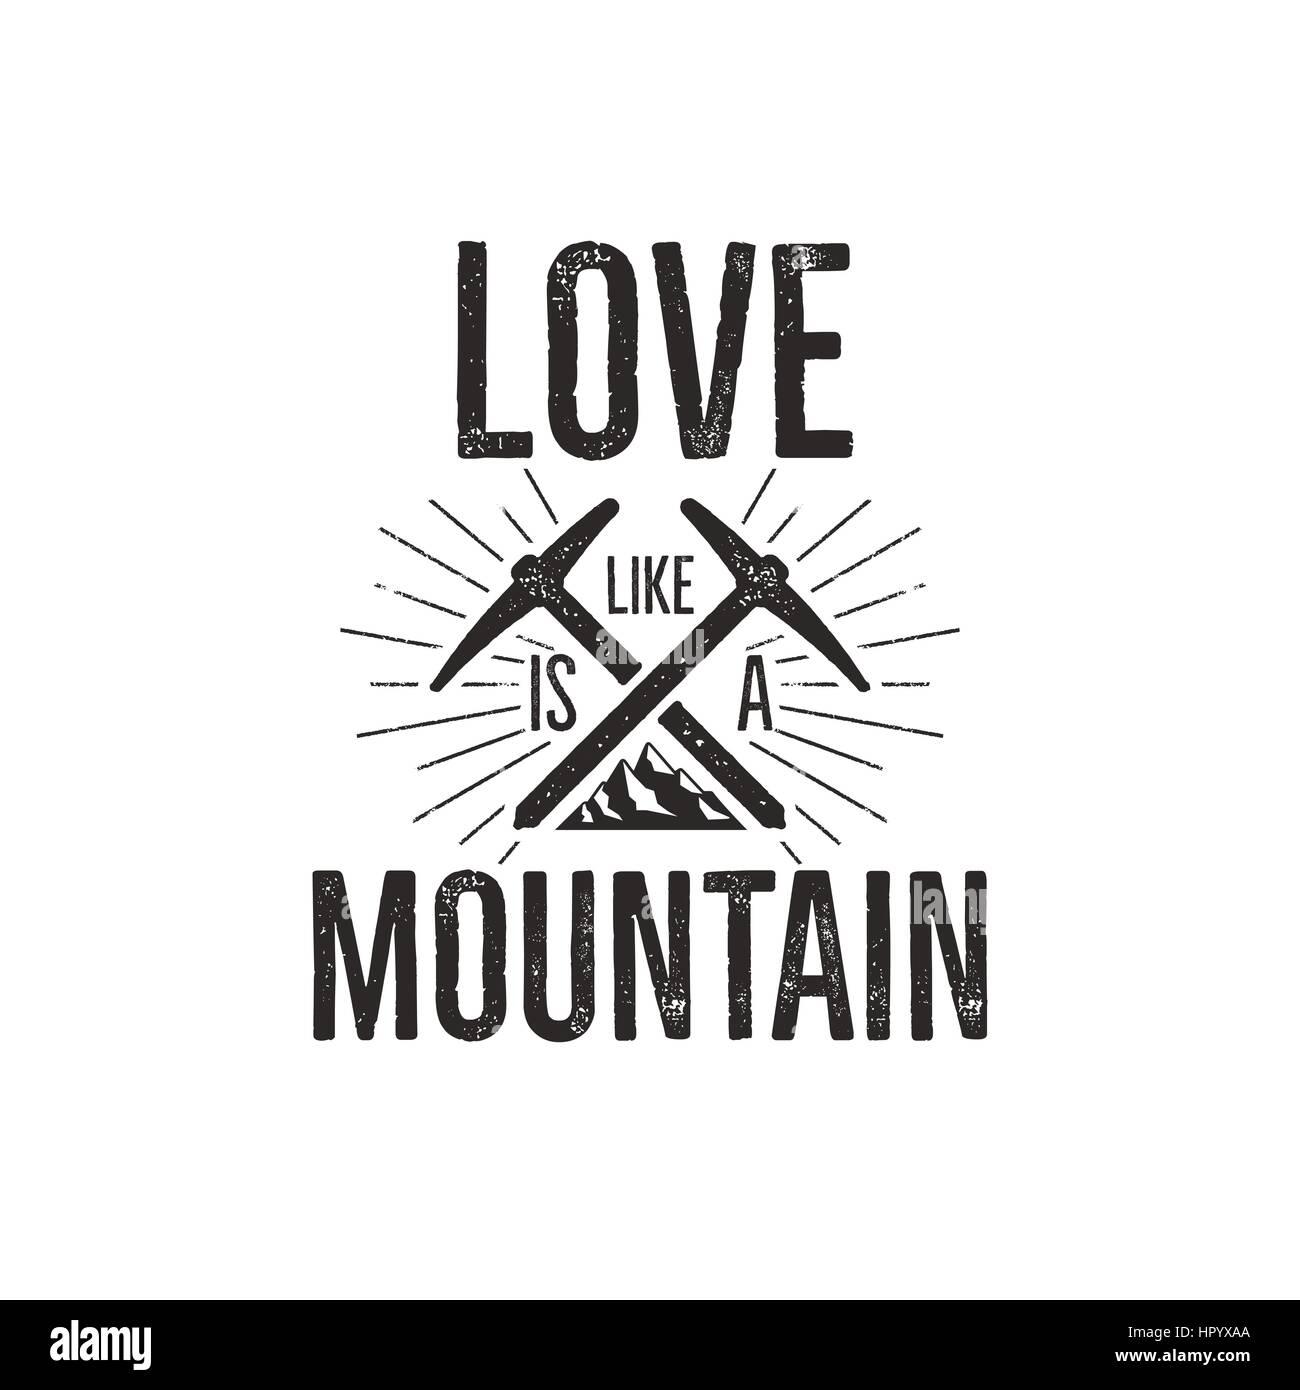 b2e04bf1033b4d Disegnata a mano di arrampicata etichetta vintage tee shirt design. Badge di  viaggio con la montagna, scalare marcia e preventivo - amore montagna.